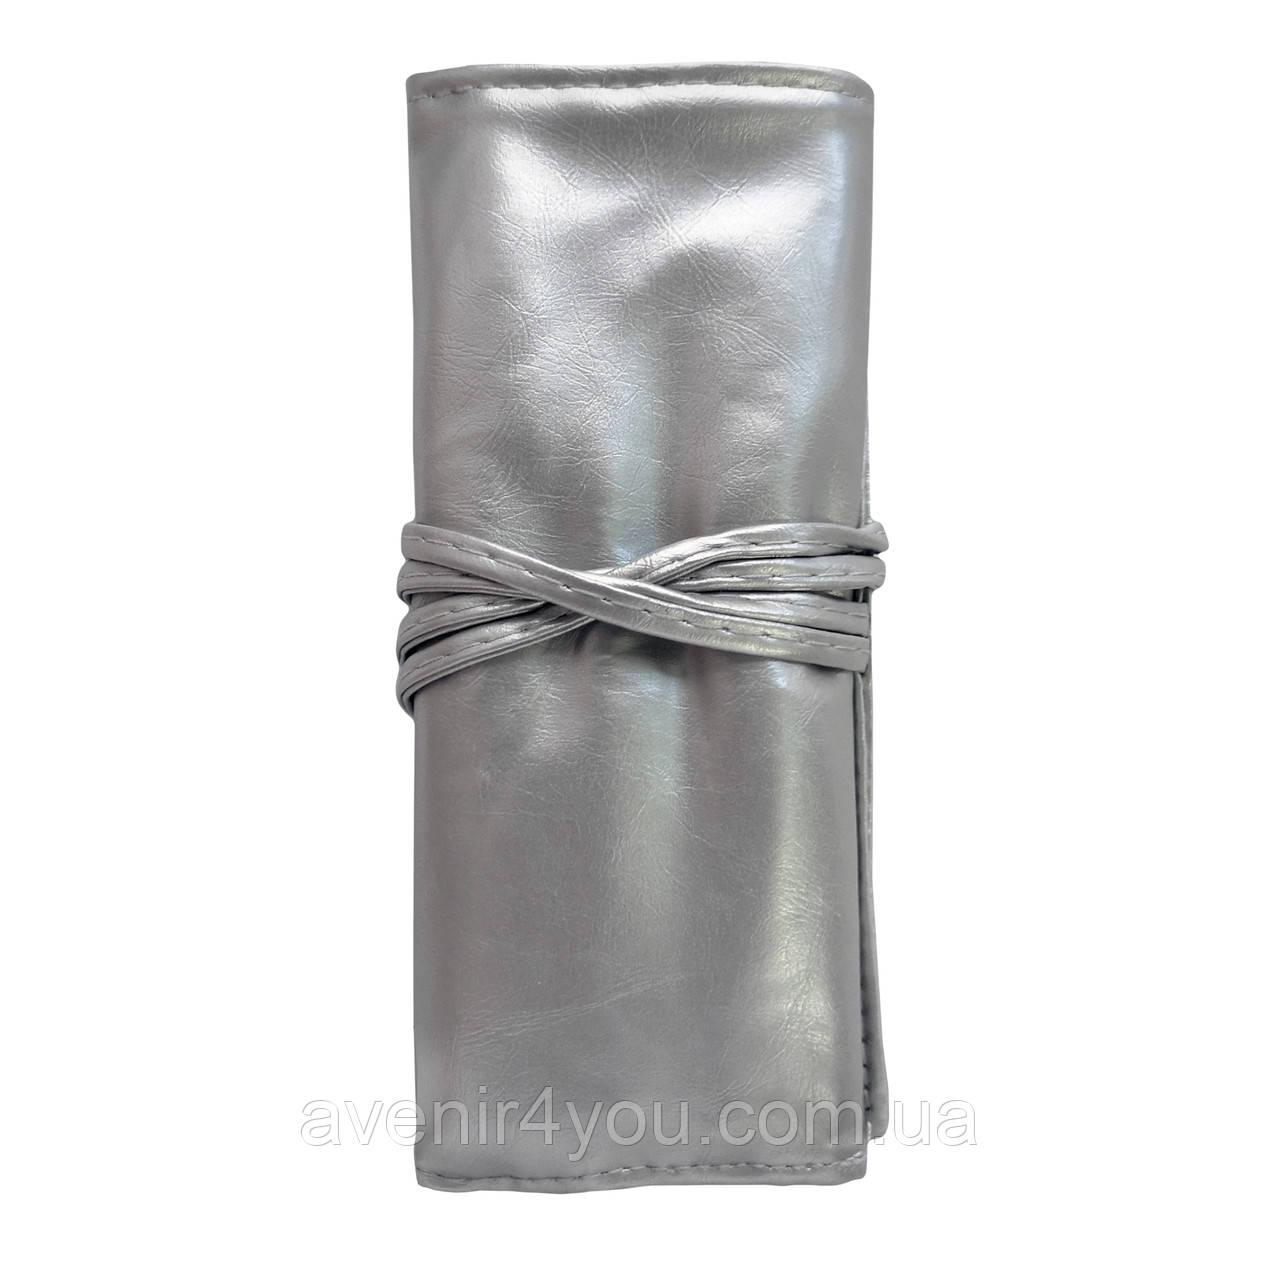 Набор кистей для макияжа 7 шт в чехле Серебряный